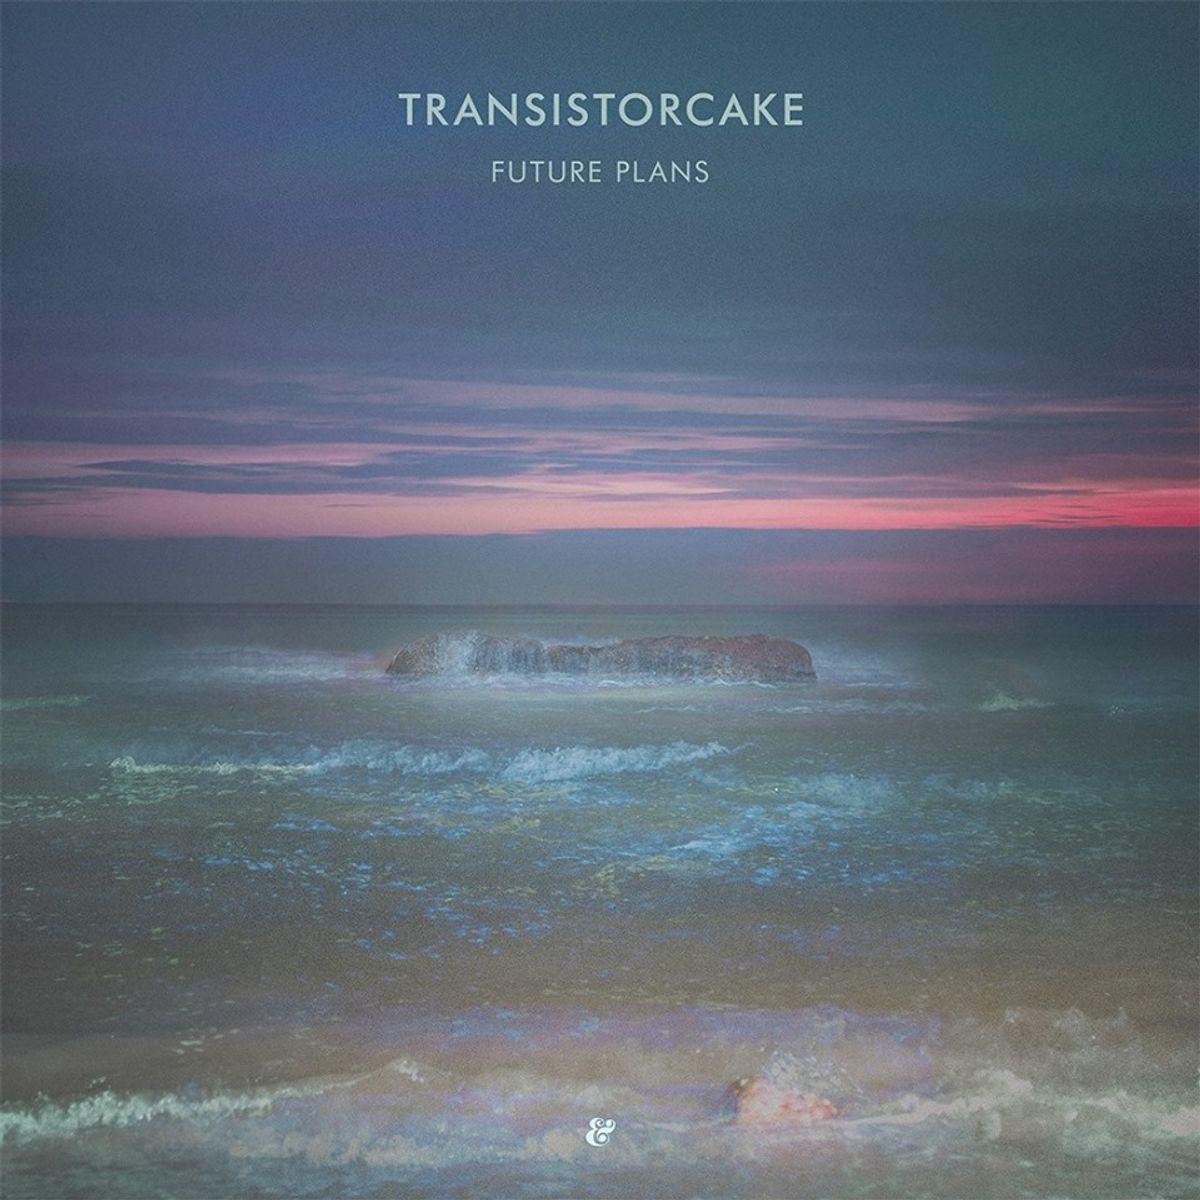 Transistorcake - 'Future Plans'